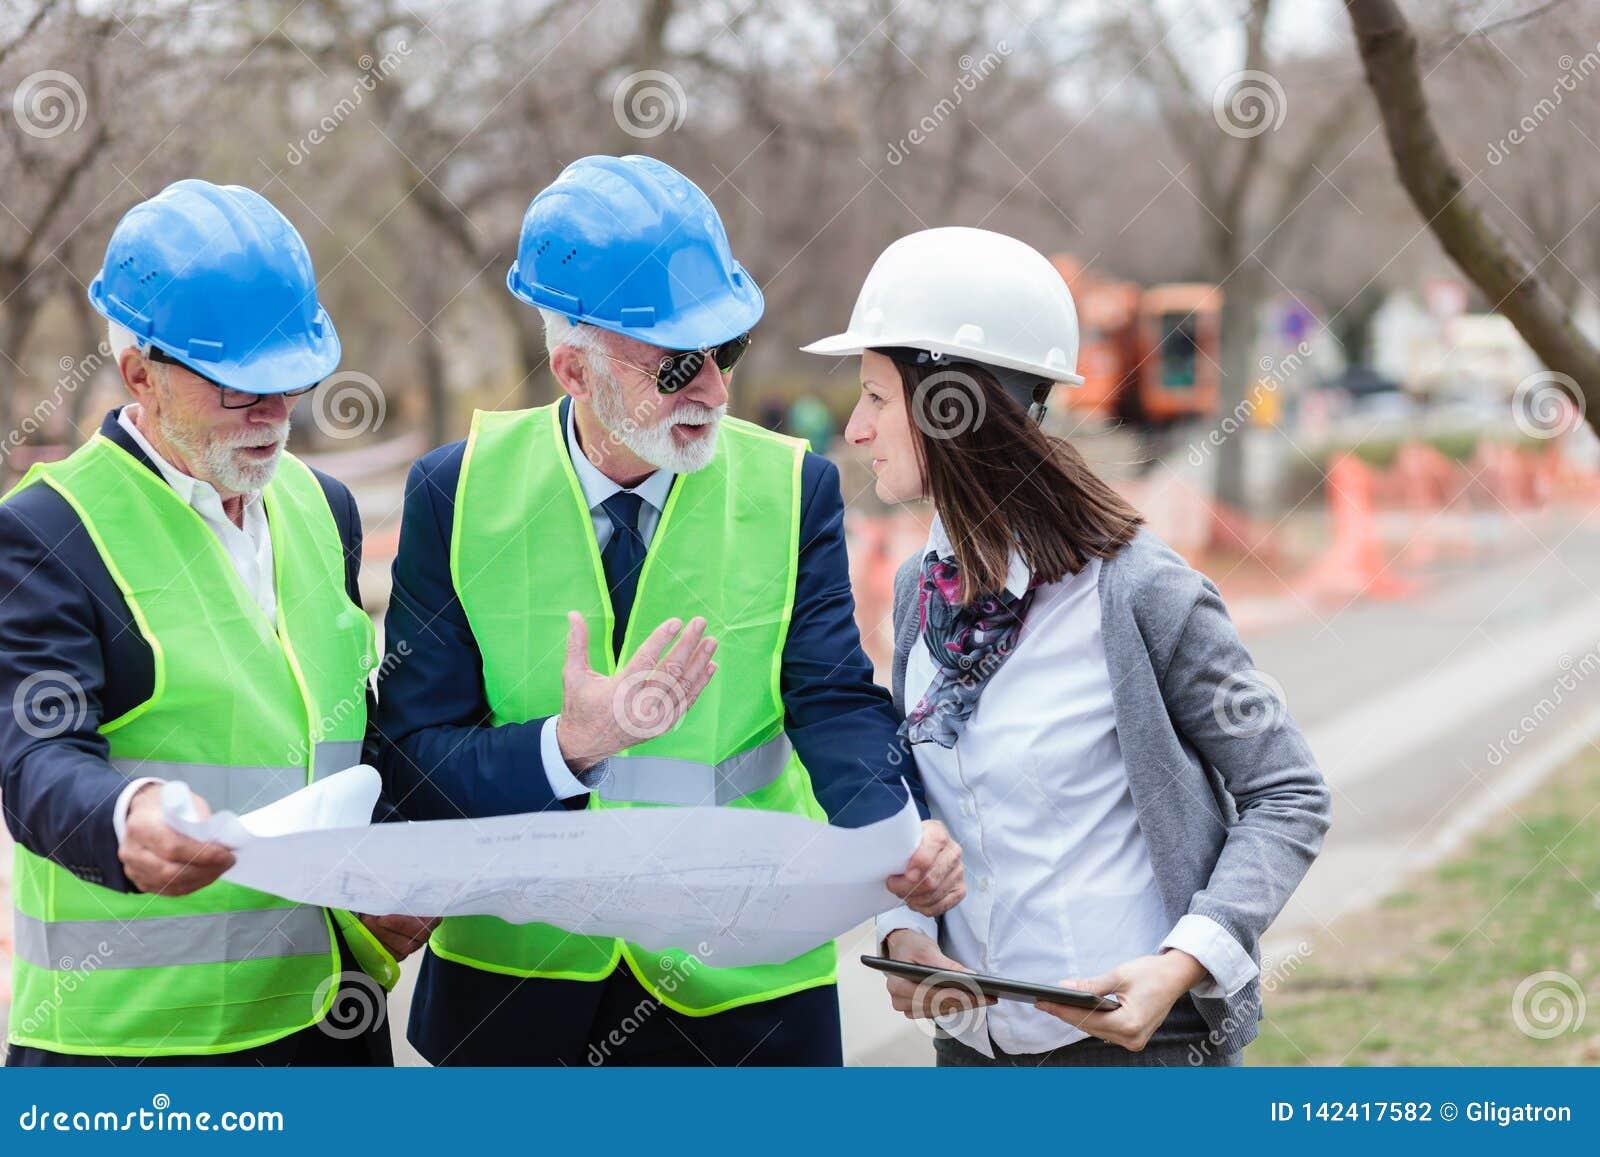 Gemischte Gruppe Architekten und Teilhaber, die Projektdetails über eine Baustelle besprechen